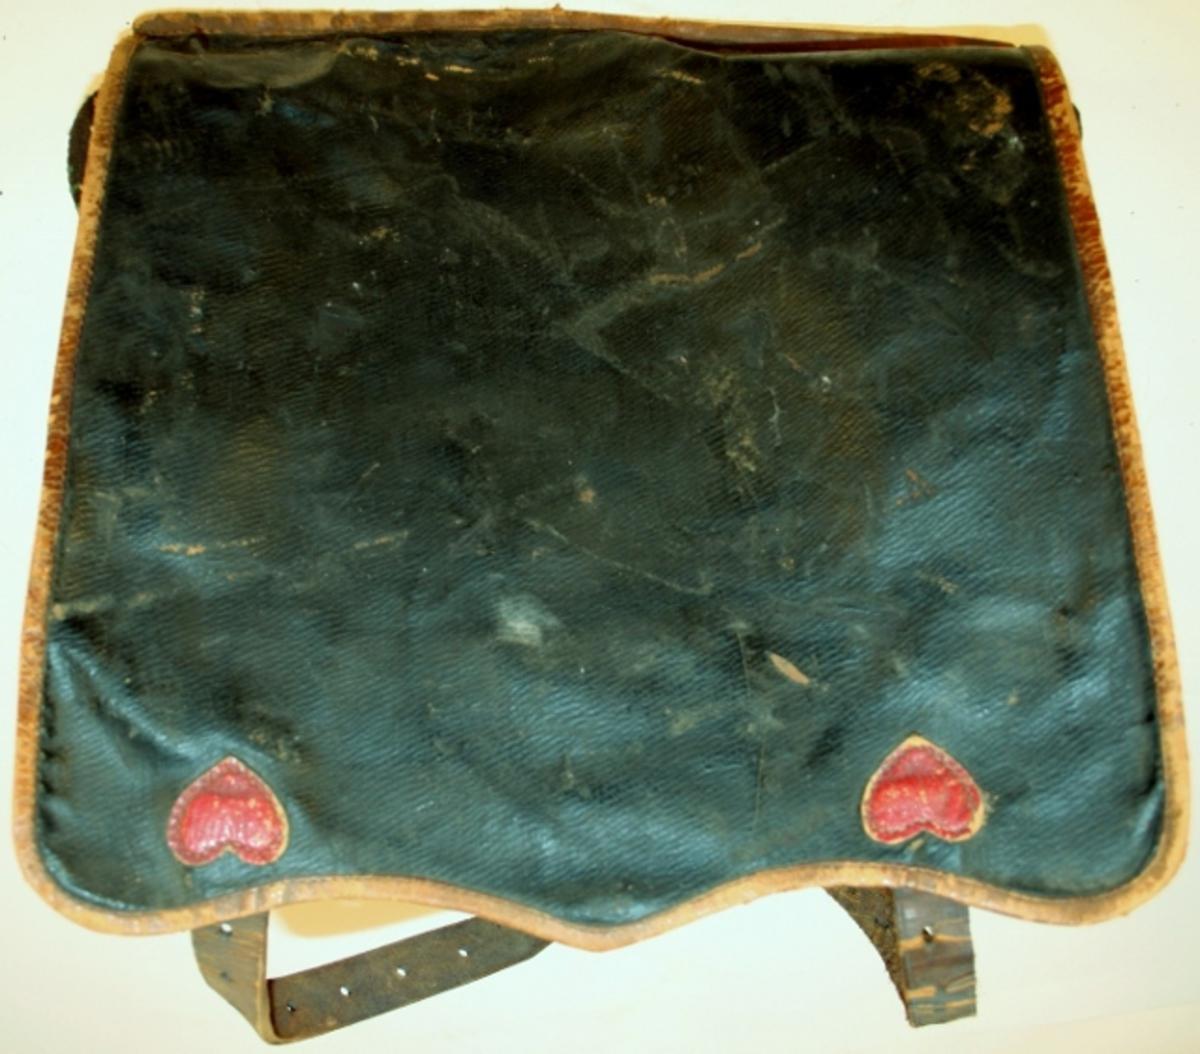 Skinnveske med ekstra lomme på forsiden, og påsydde hjerter på lokket.